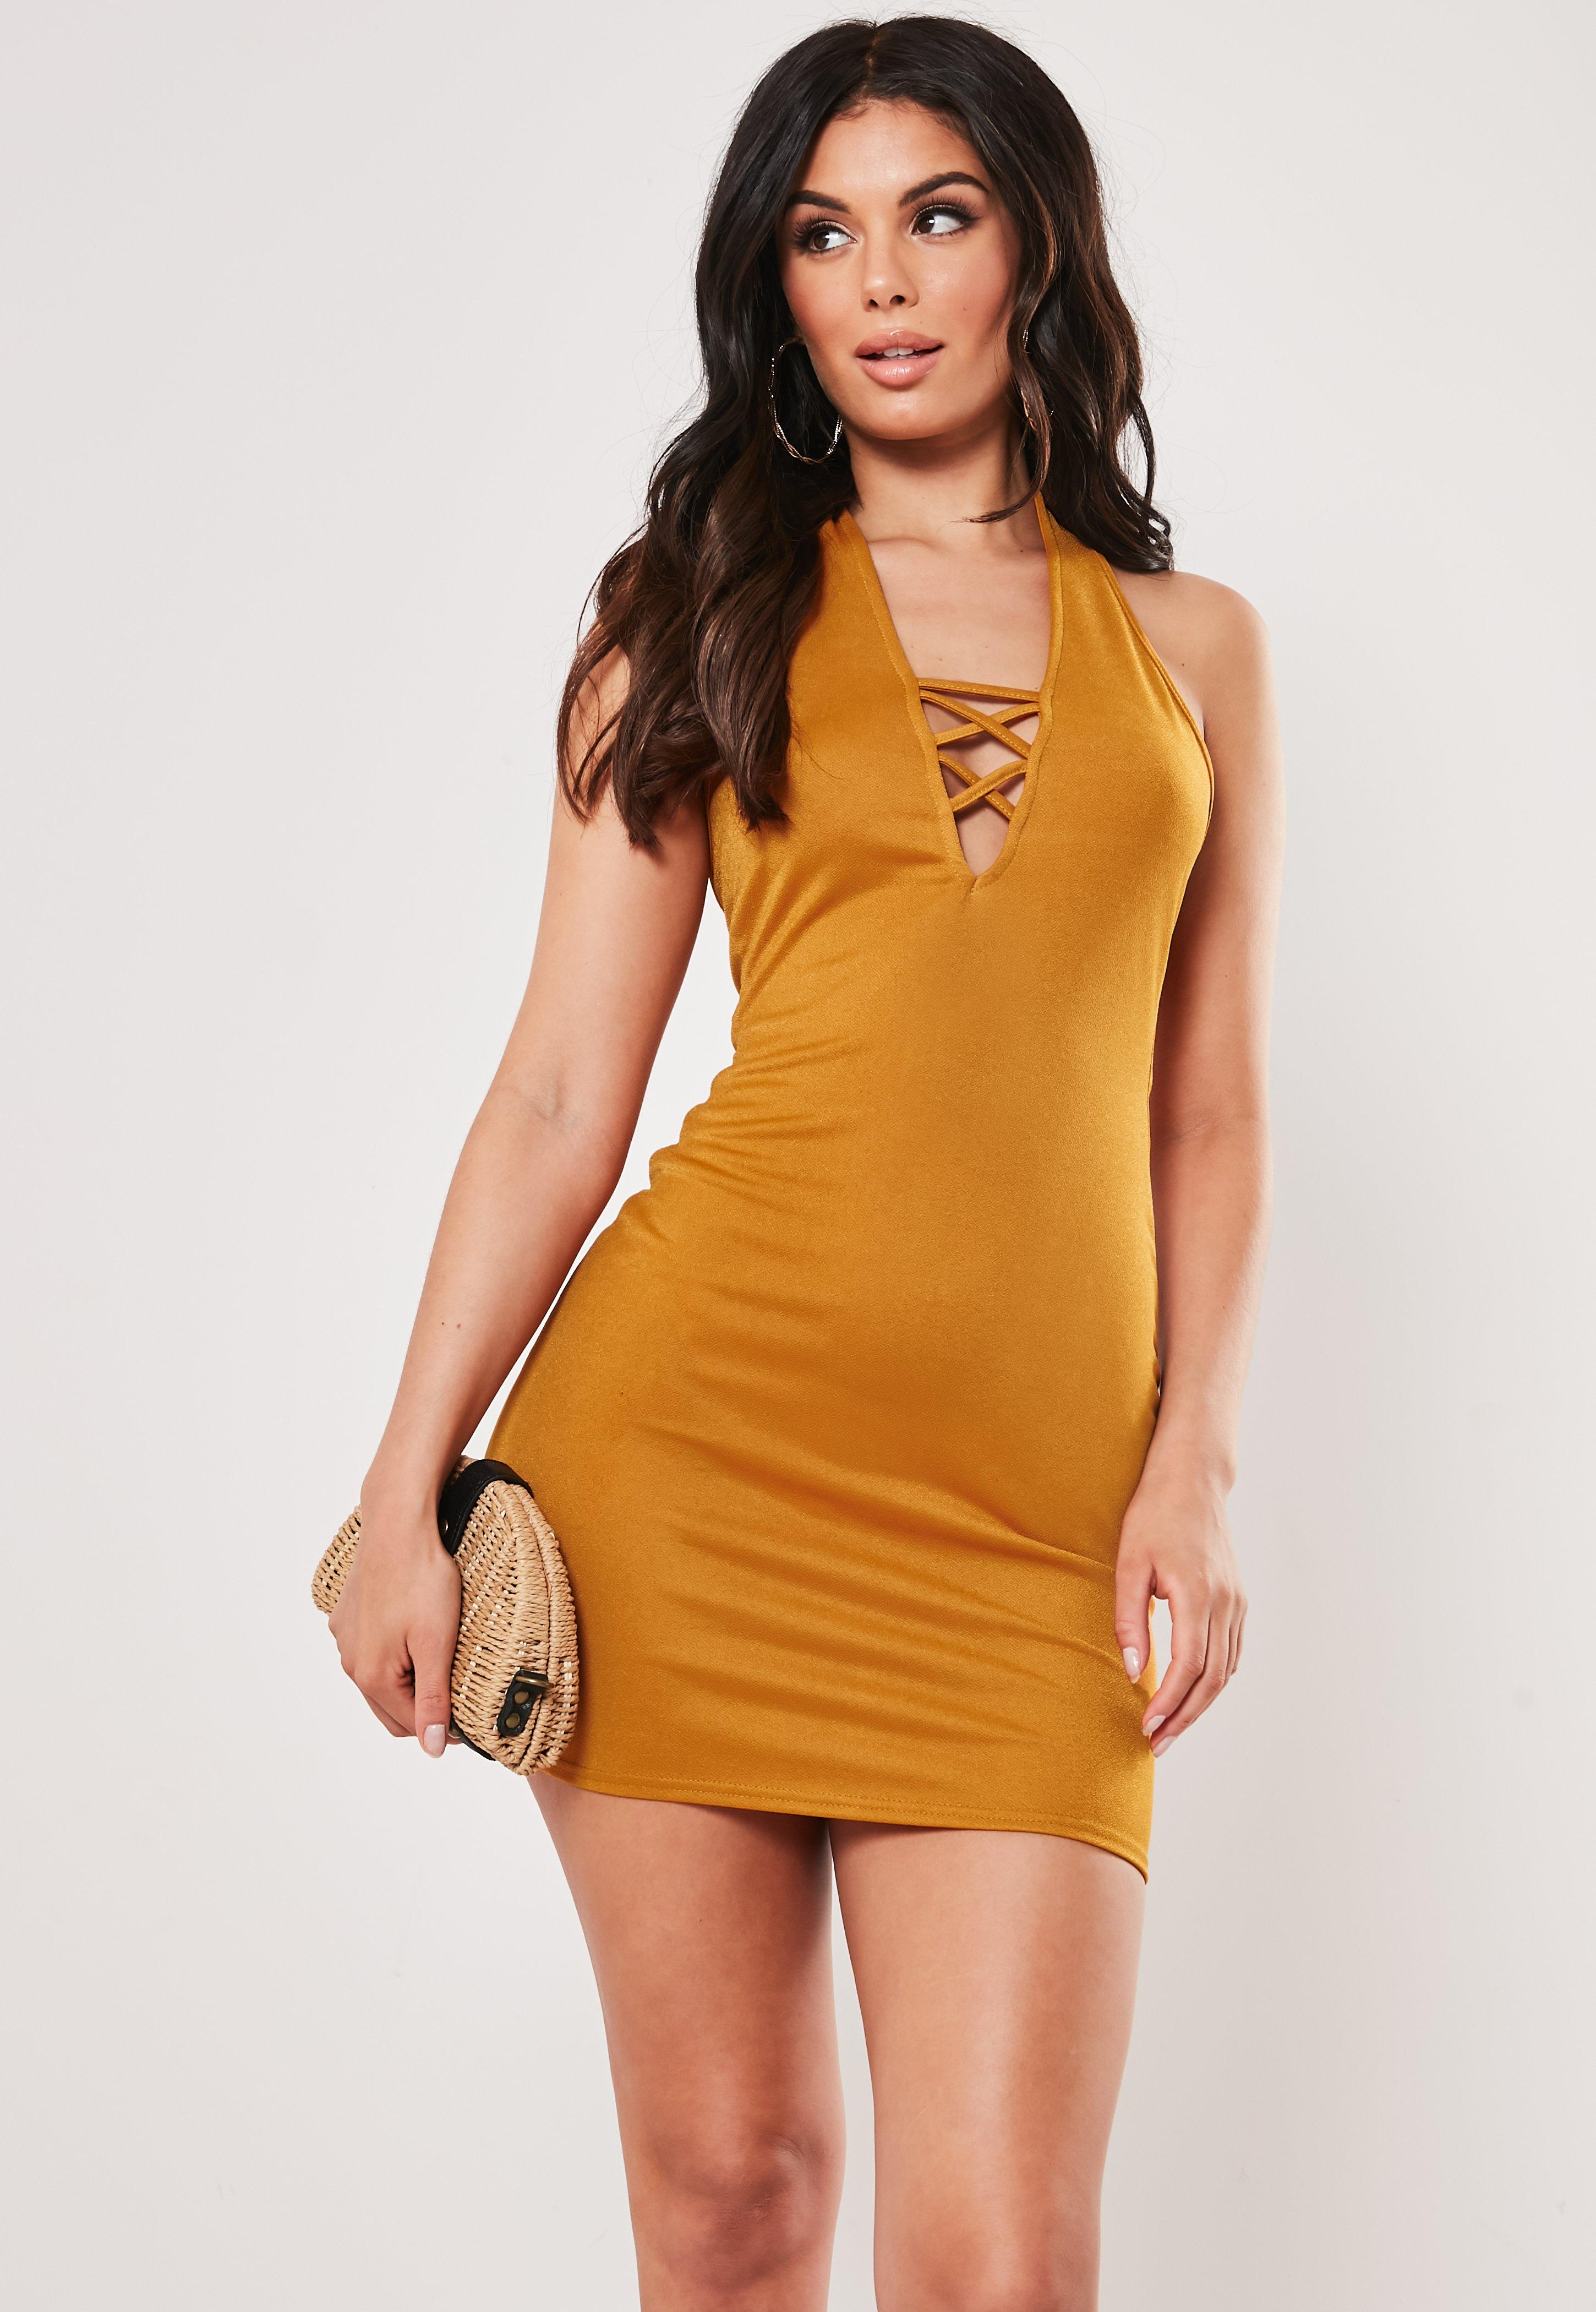 e6e92c4ce5 Sale - Cheap Clothes for Women Online - Missguided Australia